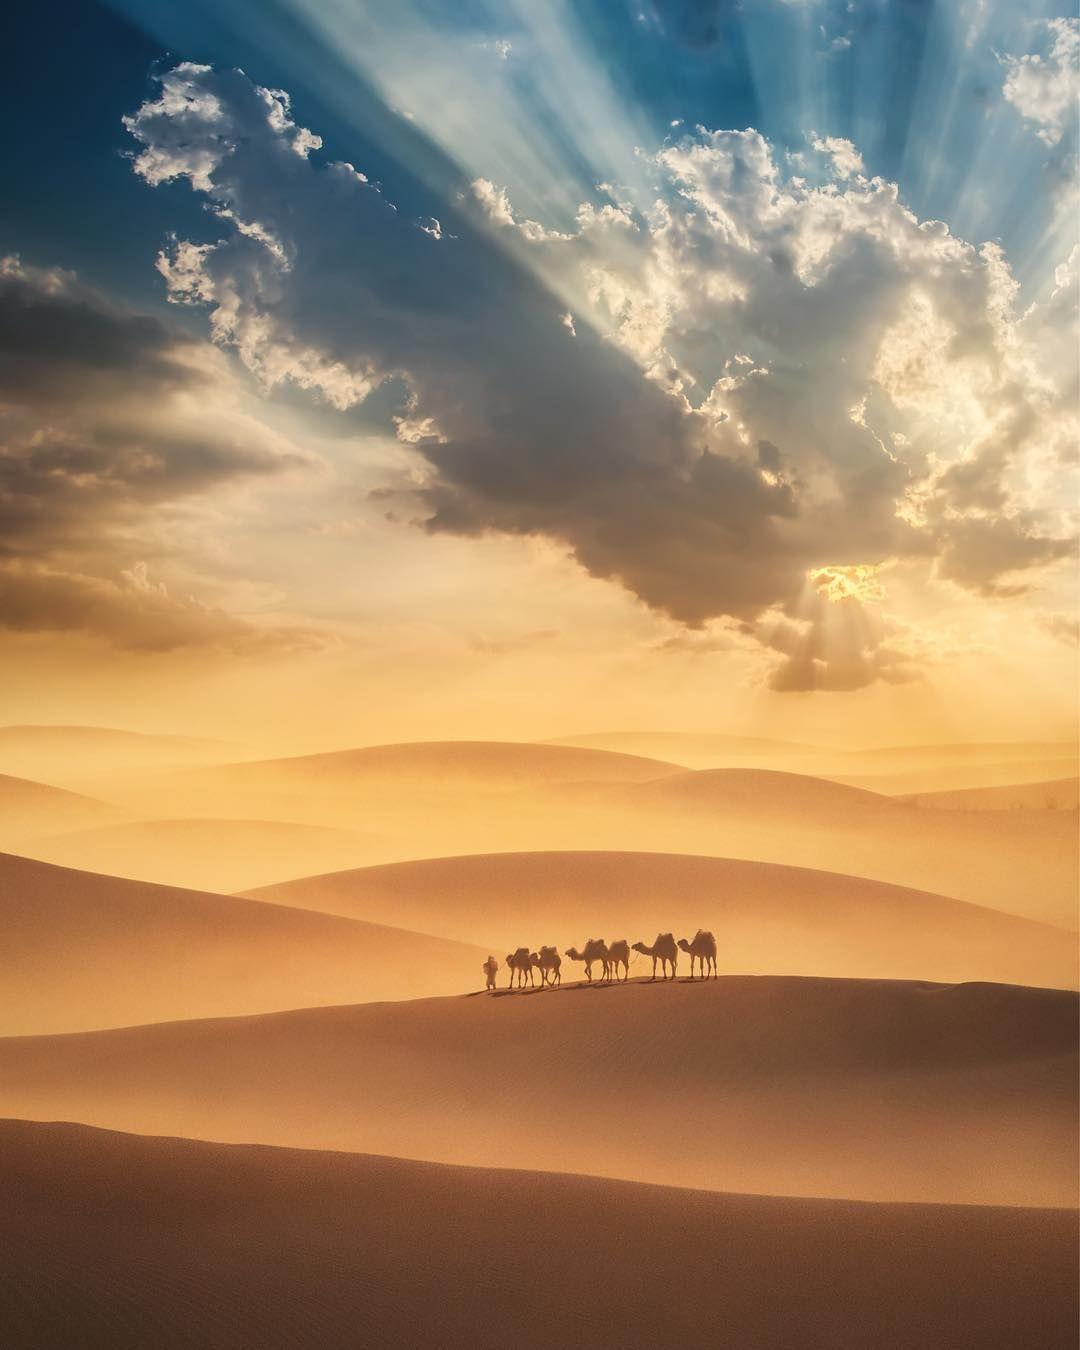 Egypt Desert Travel Desert Photography Earth Pictures Desert Sunset